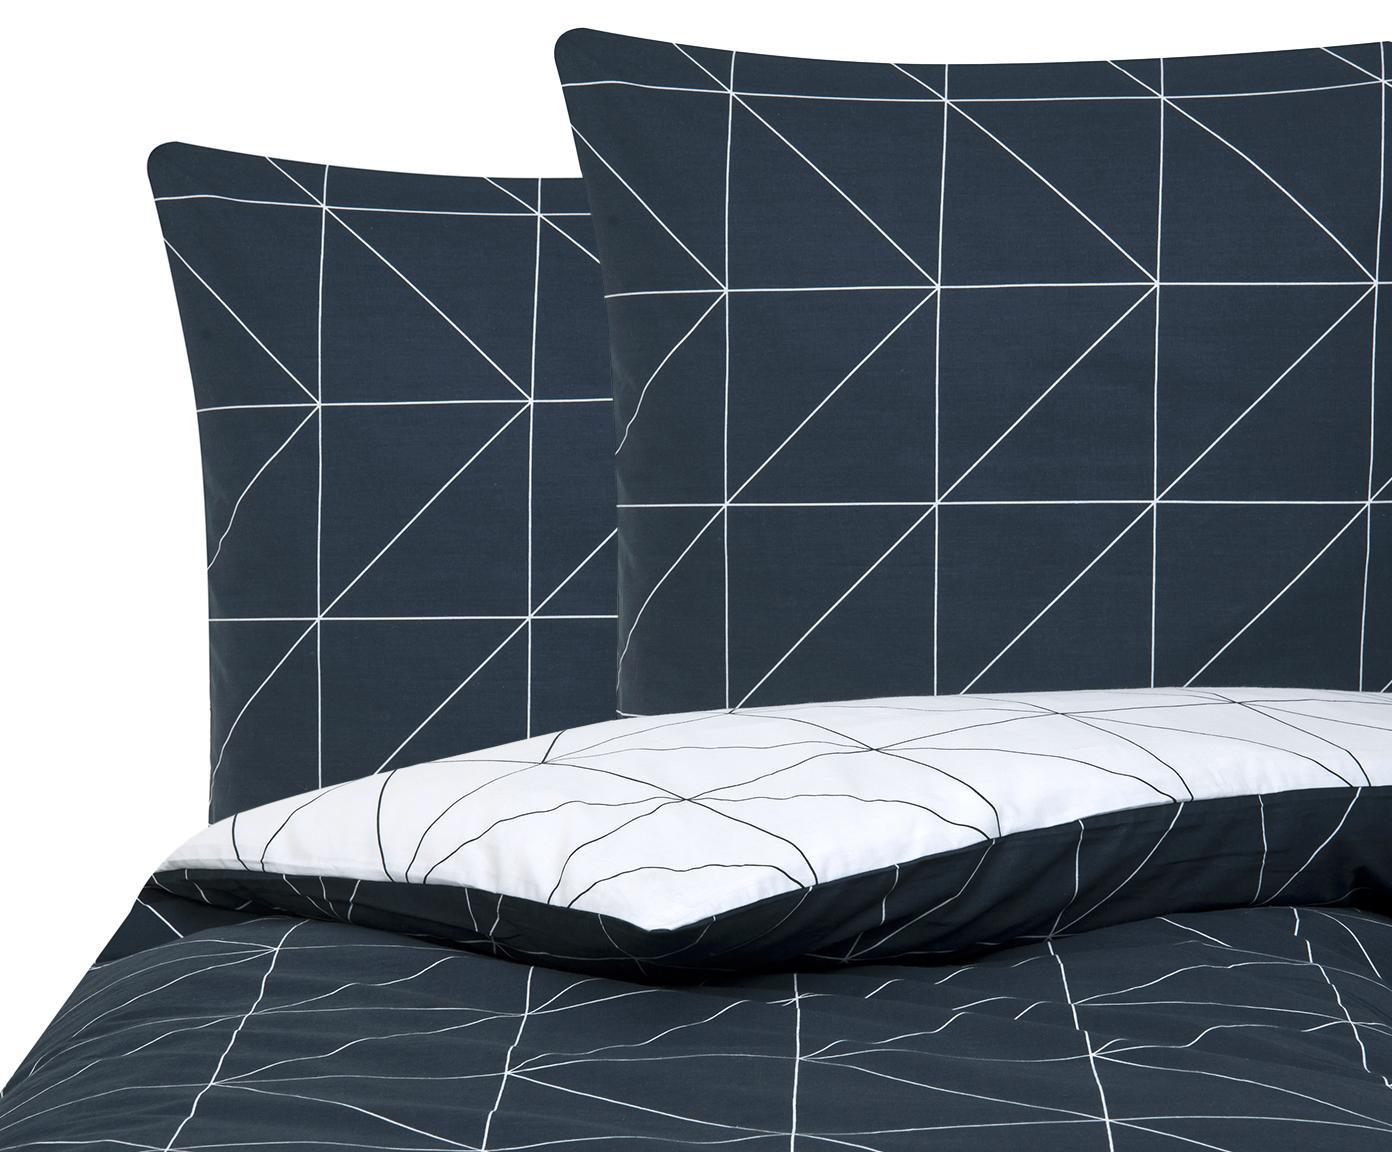 Baumwoll-Wendebettwäsche Marla mit grafischem Muster, Webart: Renforcé Fadendichte 144 , Navyblau, Weiß, 200 x 200 cm + 2 Kissen 80 x 80 cm